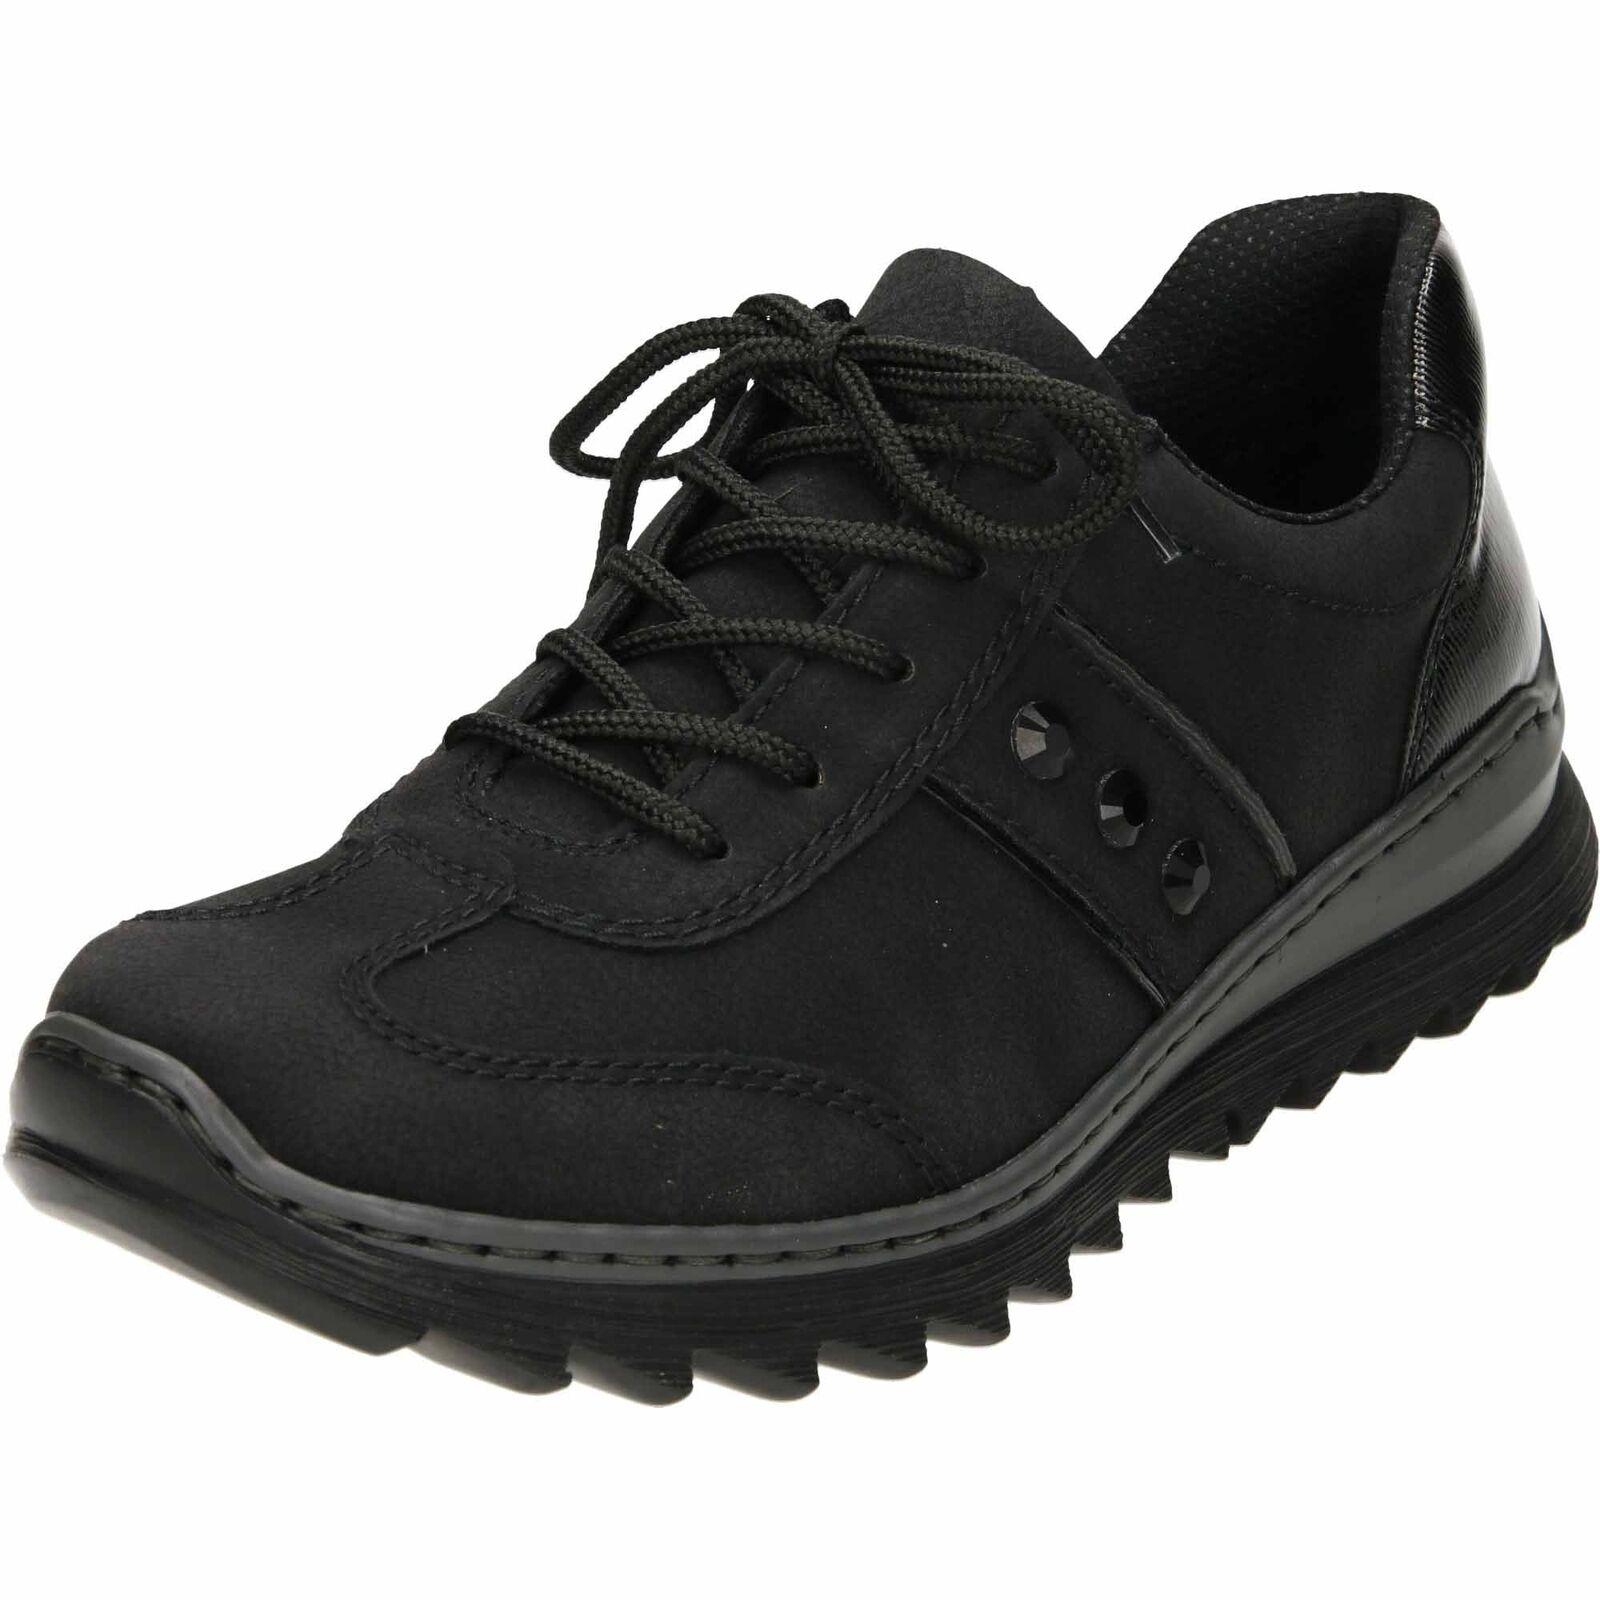 Rieker M6214-00 Negro Con Cordones Zapatillas Zapatos Tenis Informales Bombas Bombas Bombas Grueso Plano  Precio por piso